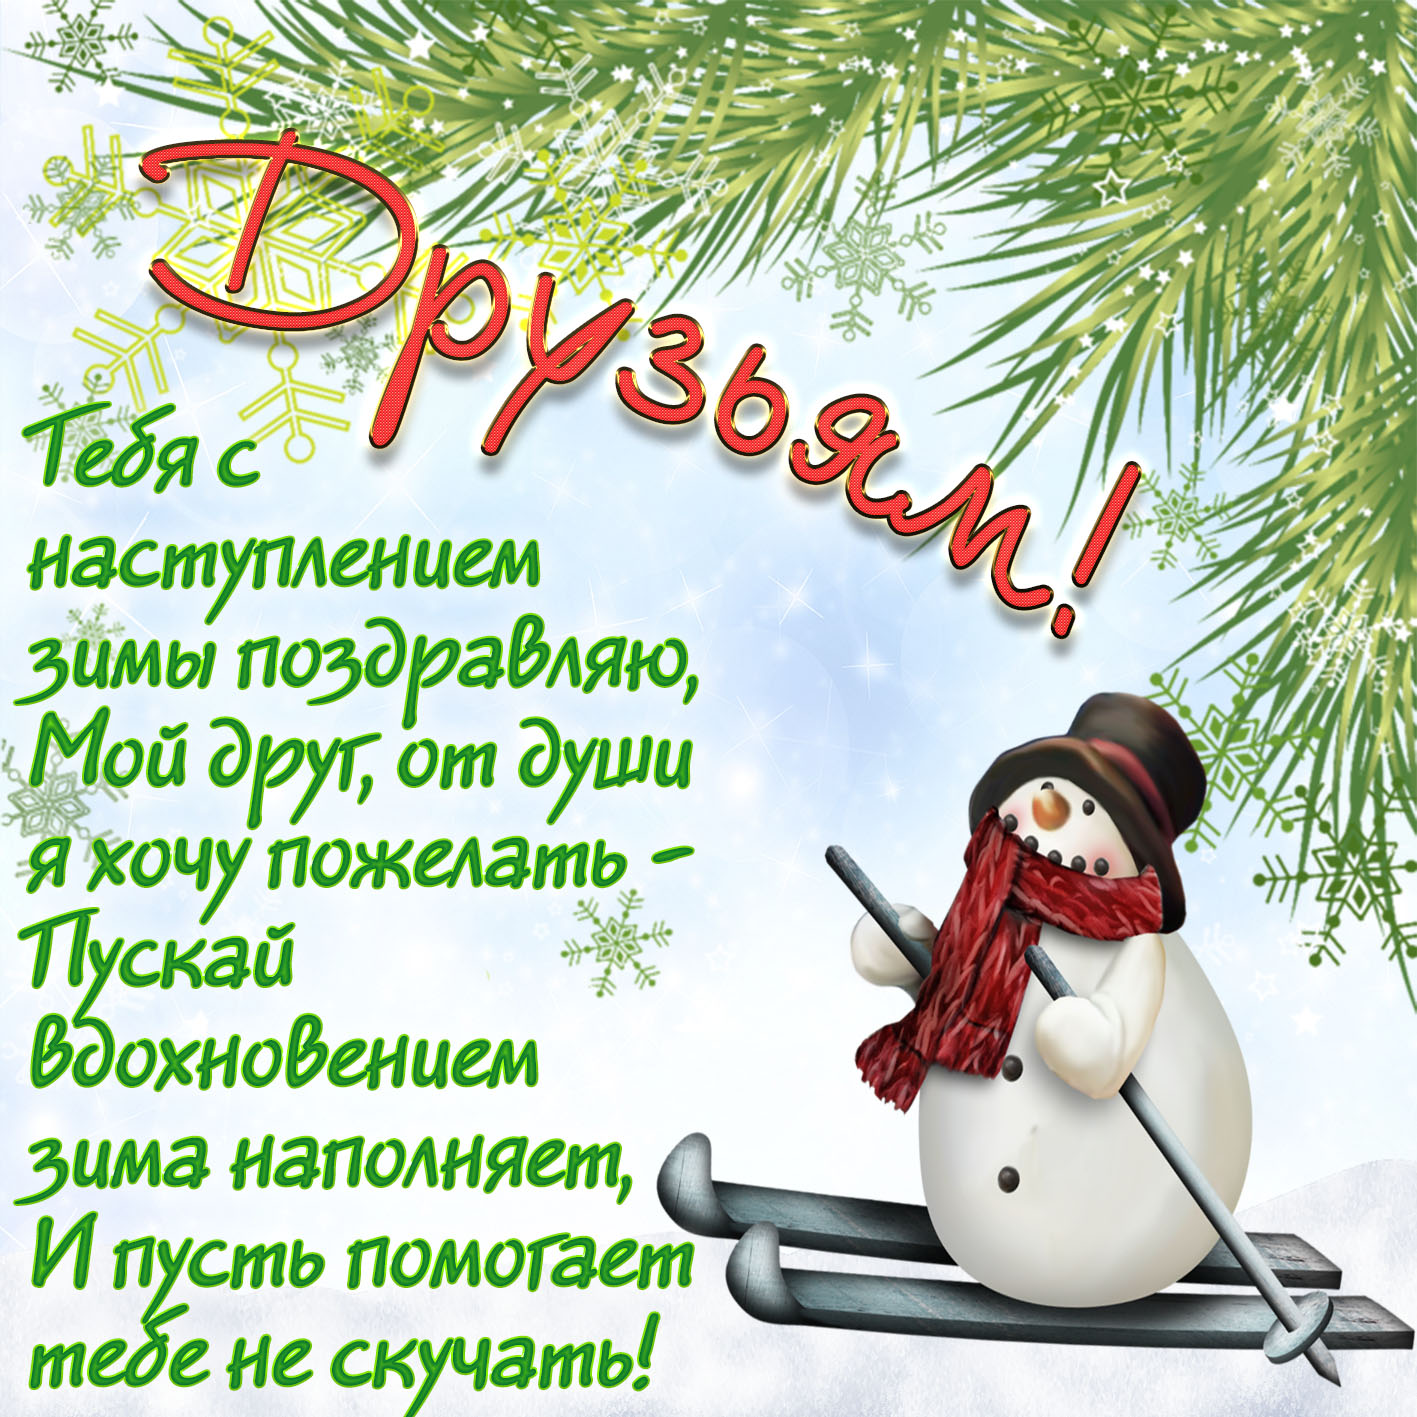 Картинки зимние пожелания друзьям